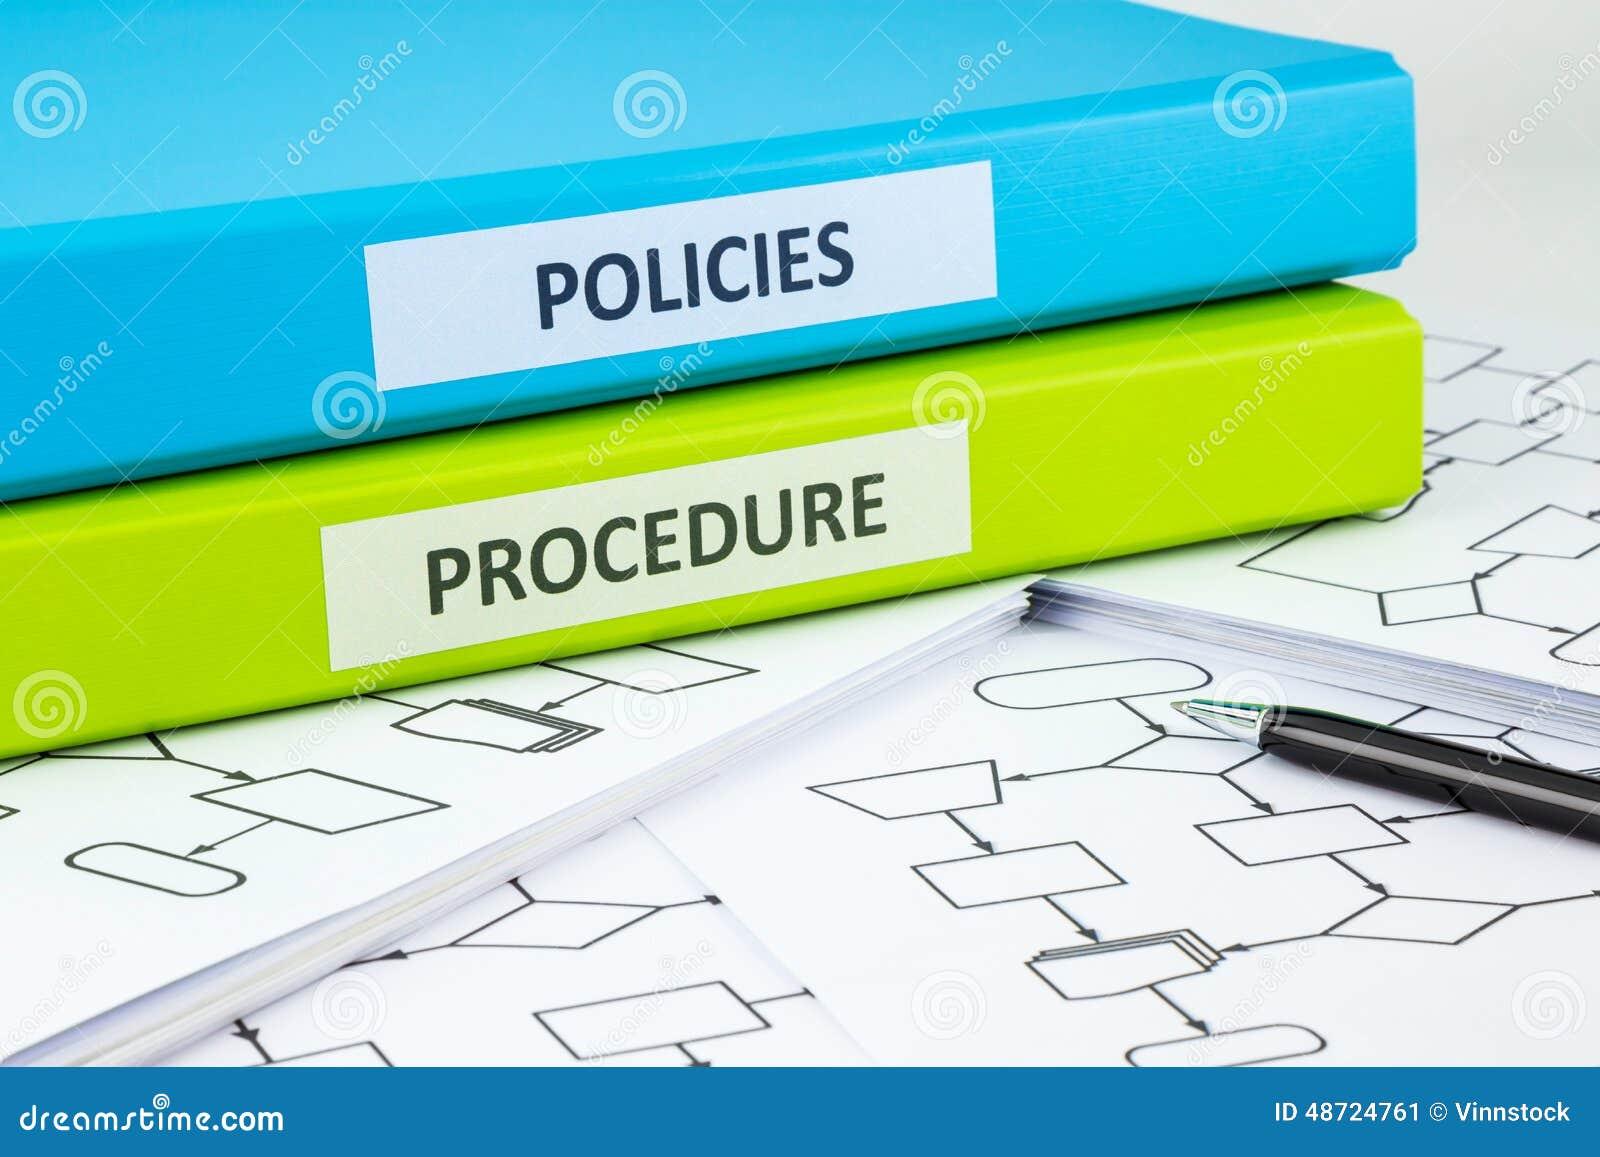 Bedrijfbeleid en procedures